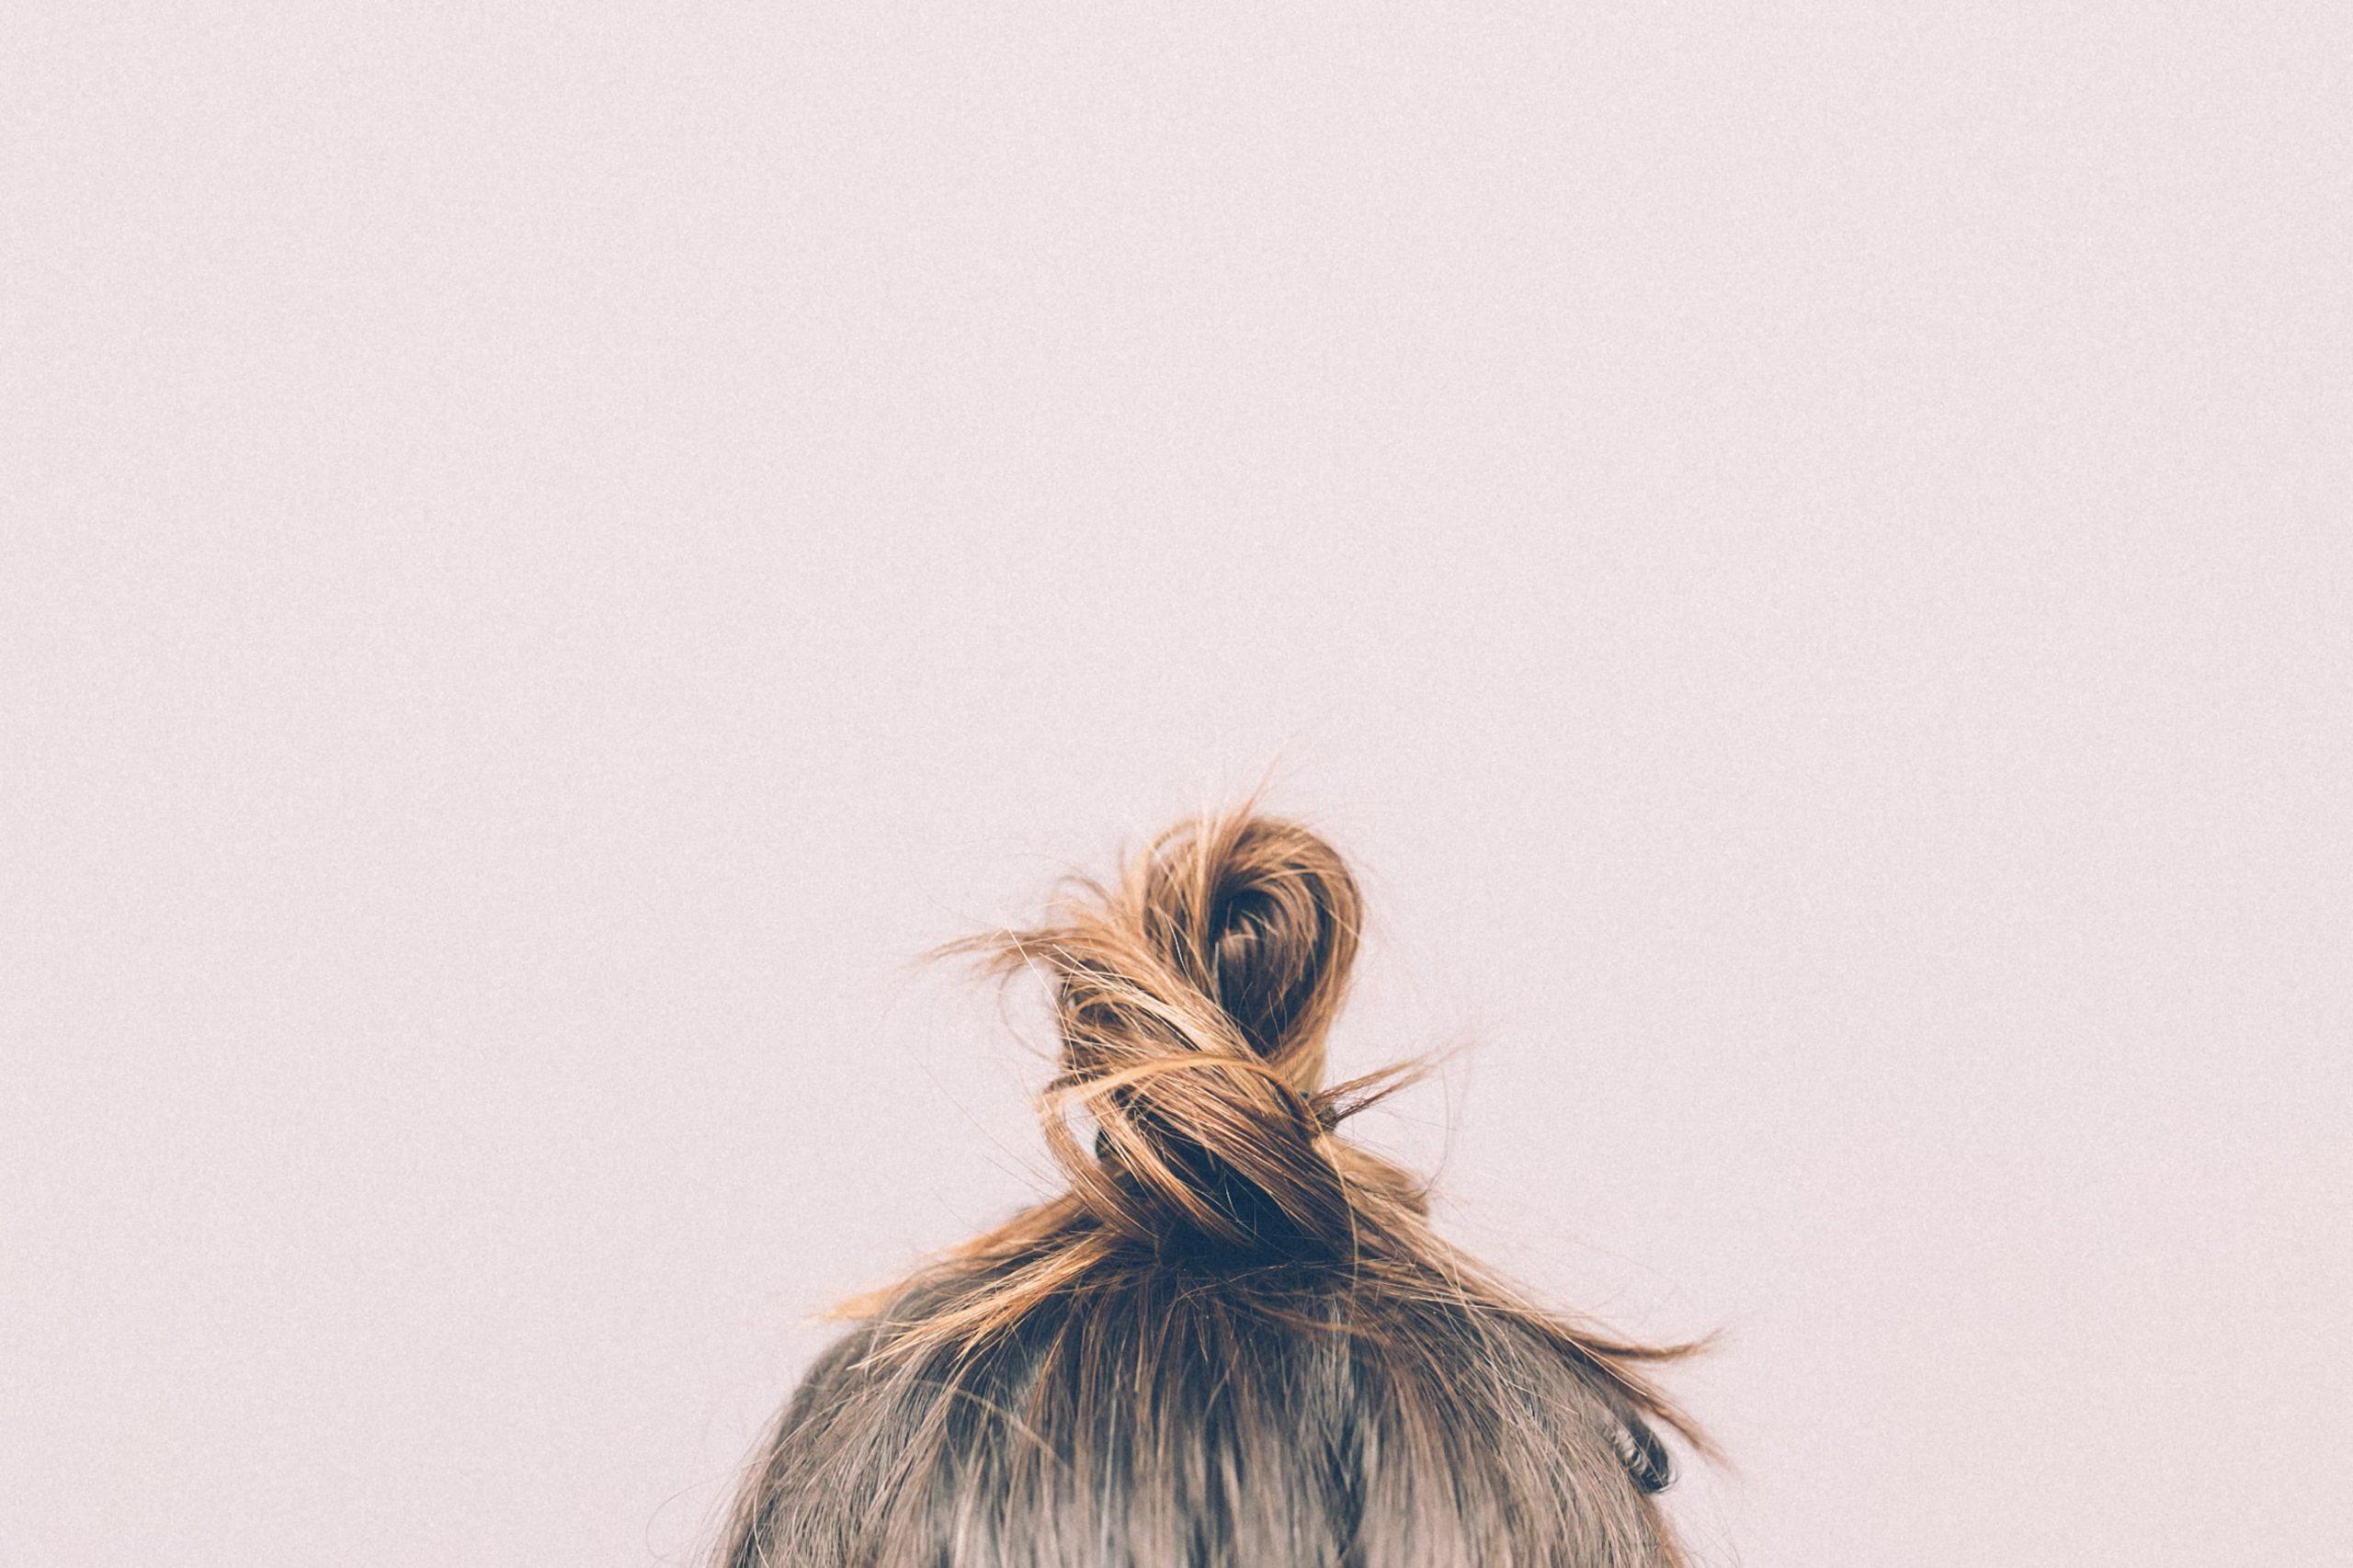 Pourquoi mes cheveux sont tout le temps gras ? Et comment y remédier ?